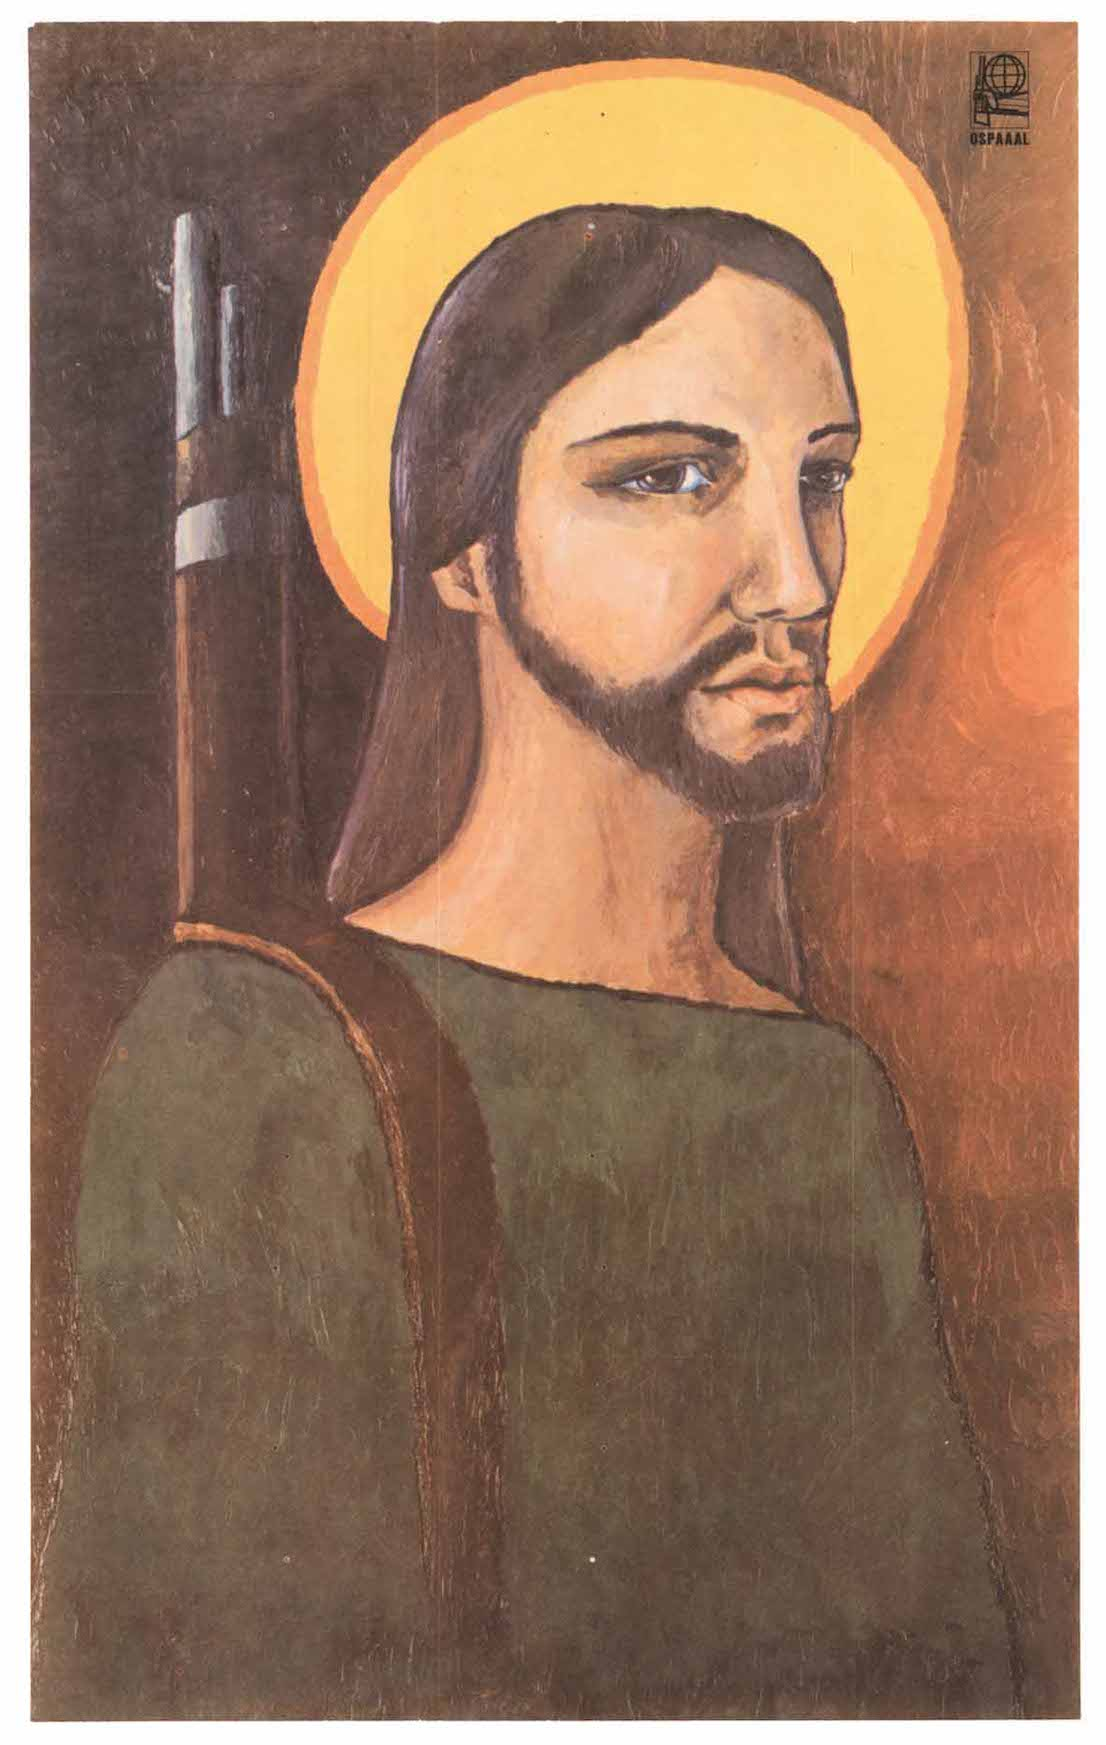 Alfrédo Rostgaard, Cristo guerrillero, 1969. OSPAAAL